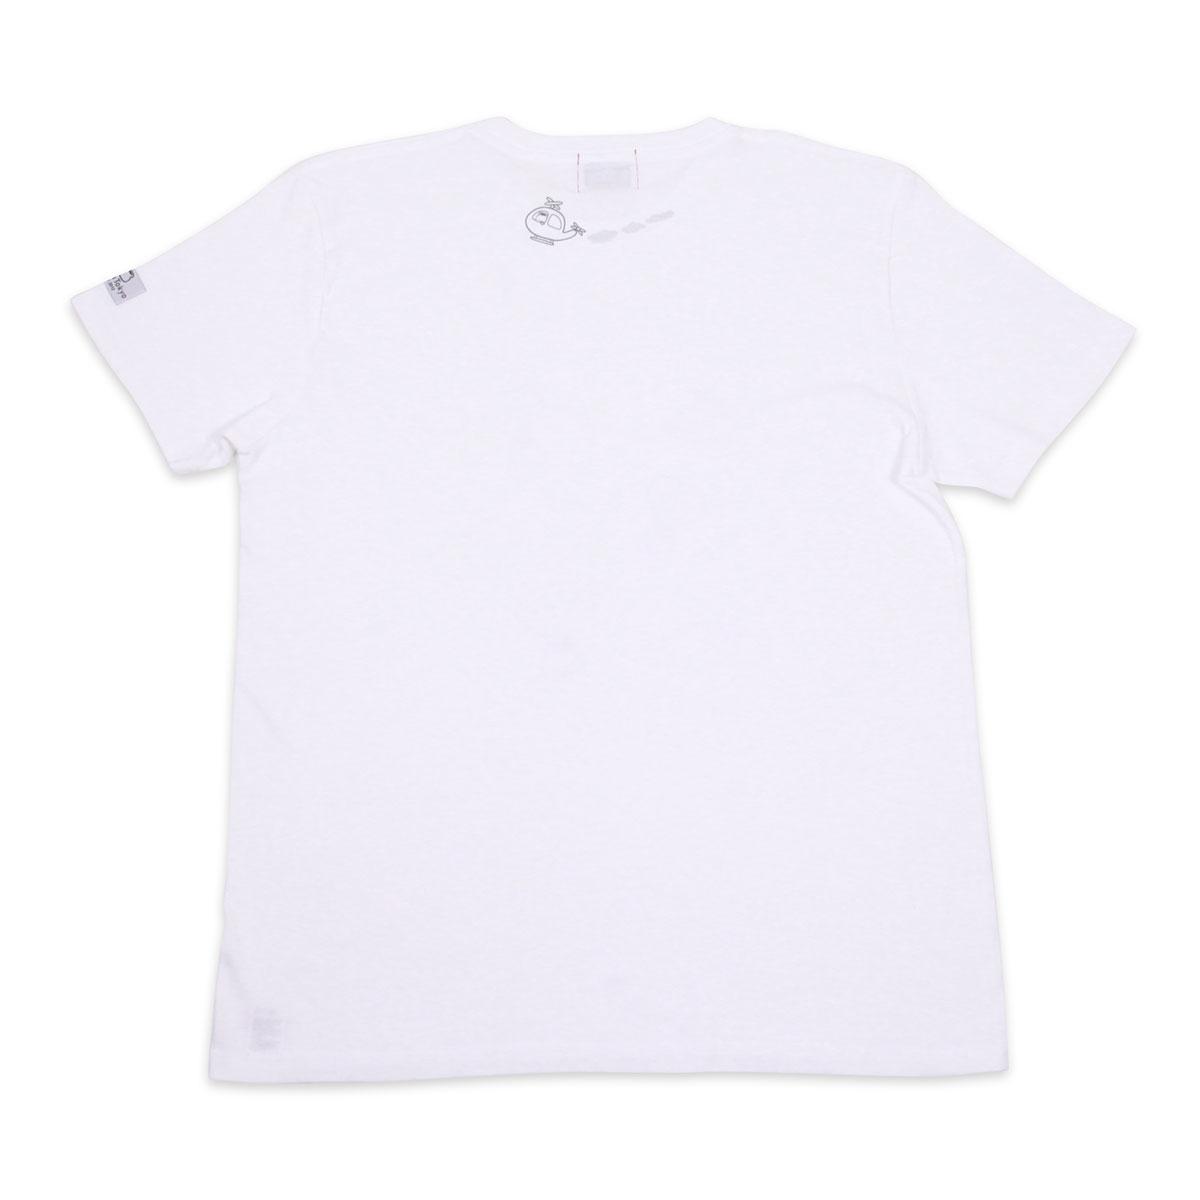 パラシュート (White)